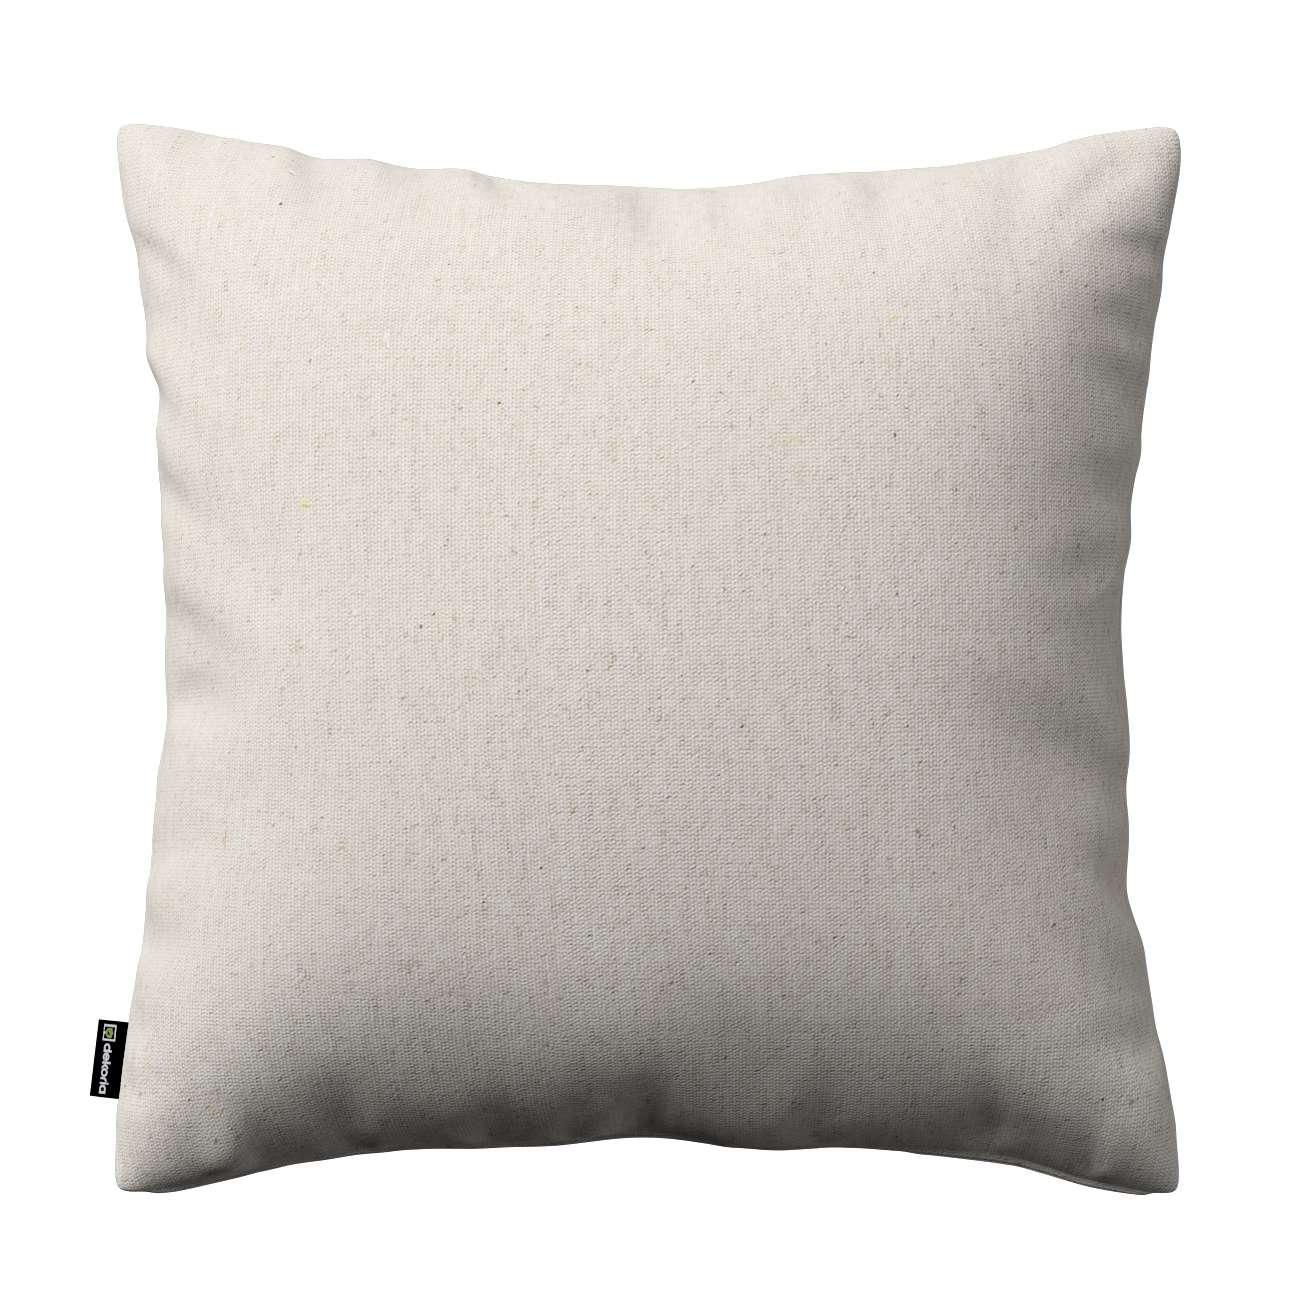 Poszewka Kinga na poduszkę 43 x 43 cm w kolekcji Loneta, tkanina: 133-65